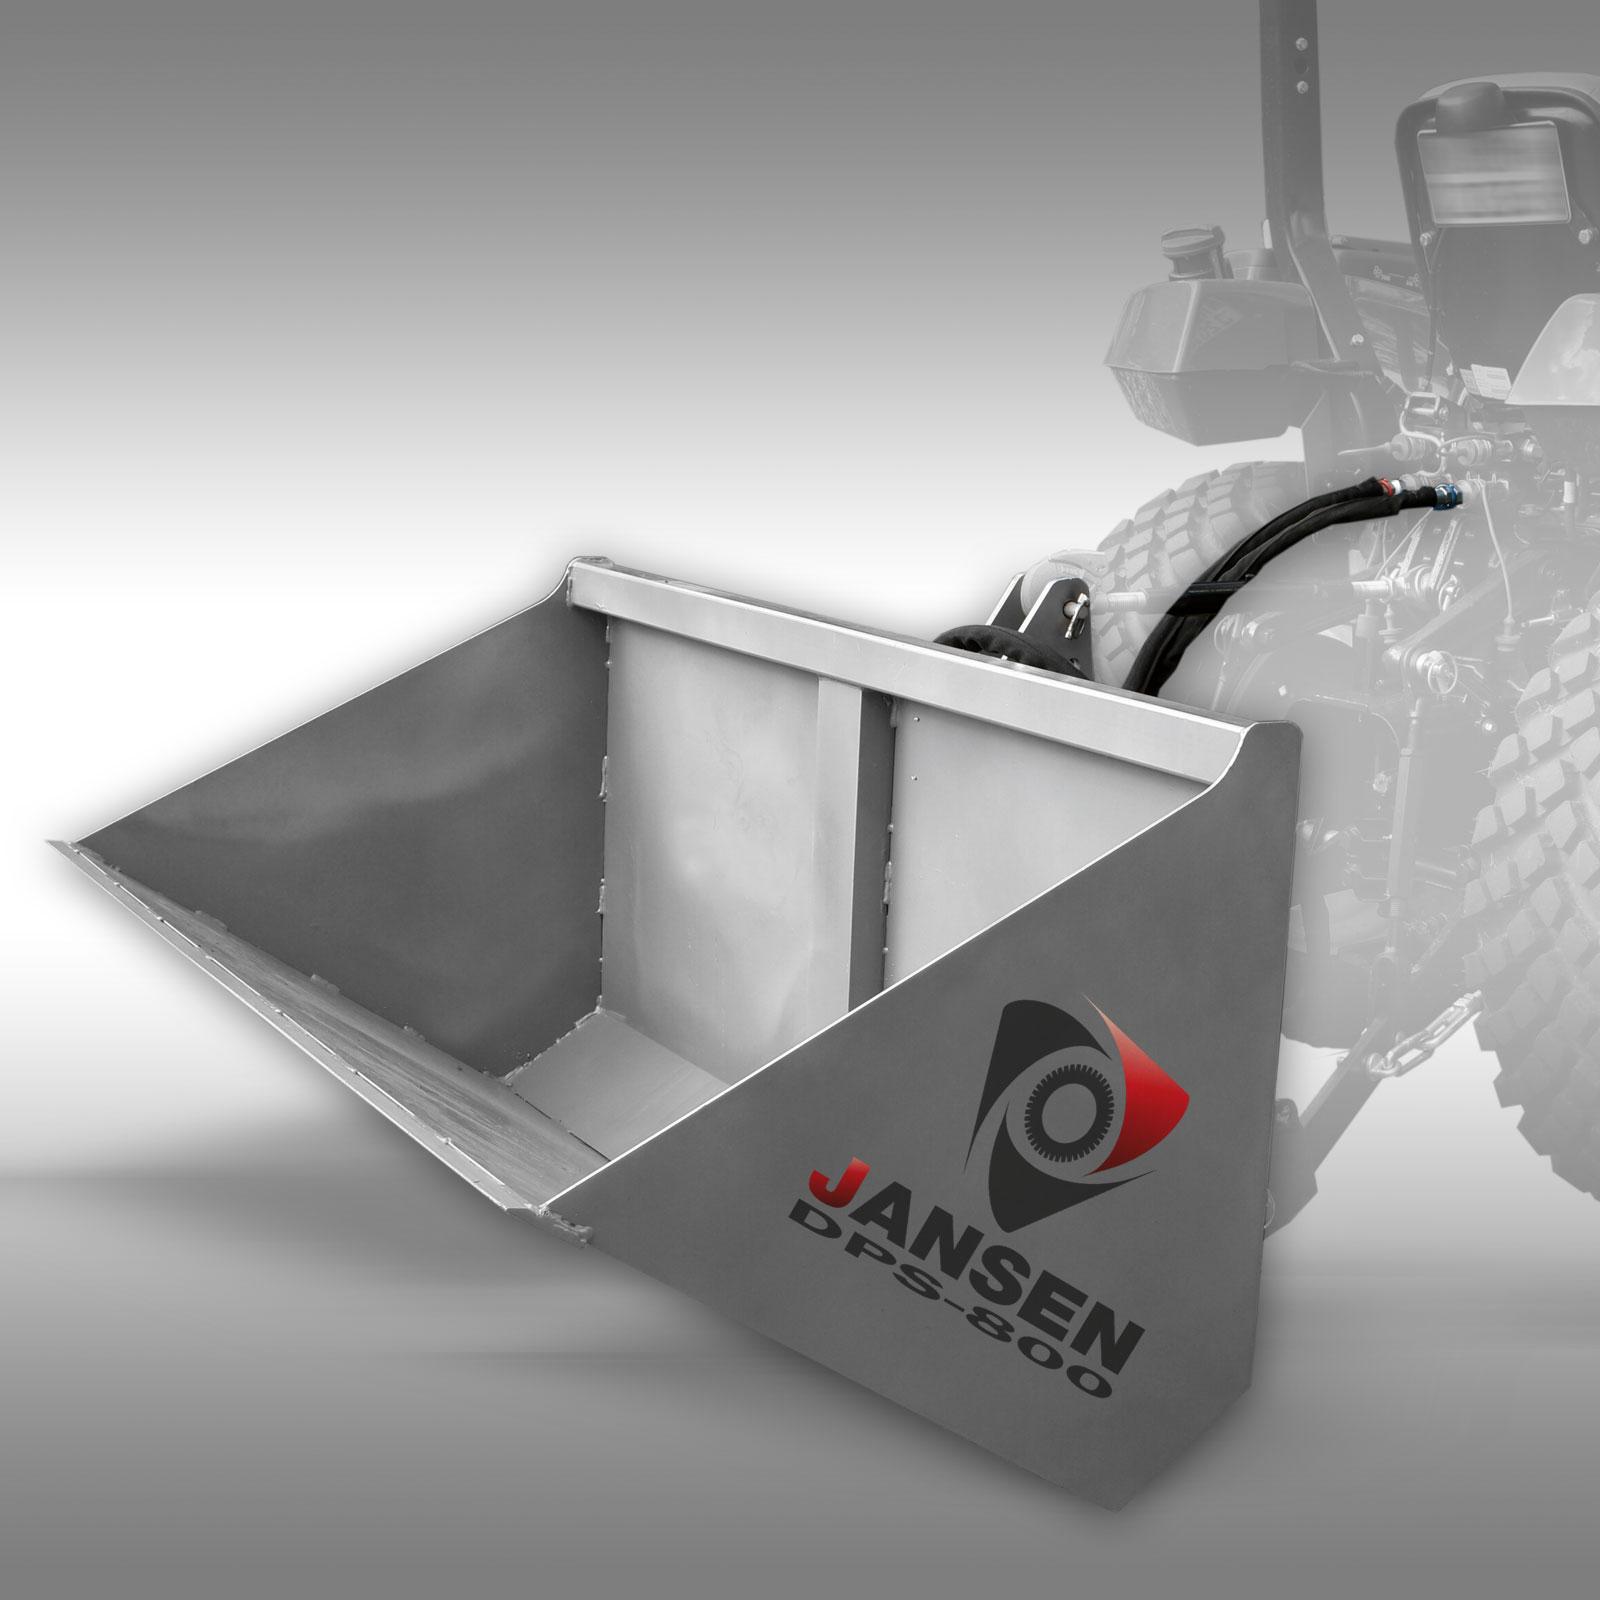 Driepuntsbak Jansen DPS-800 hydraulische grondbak, shovel container